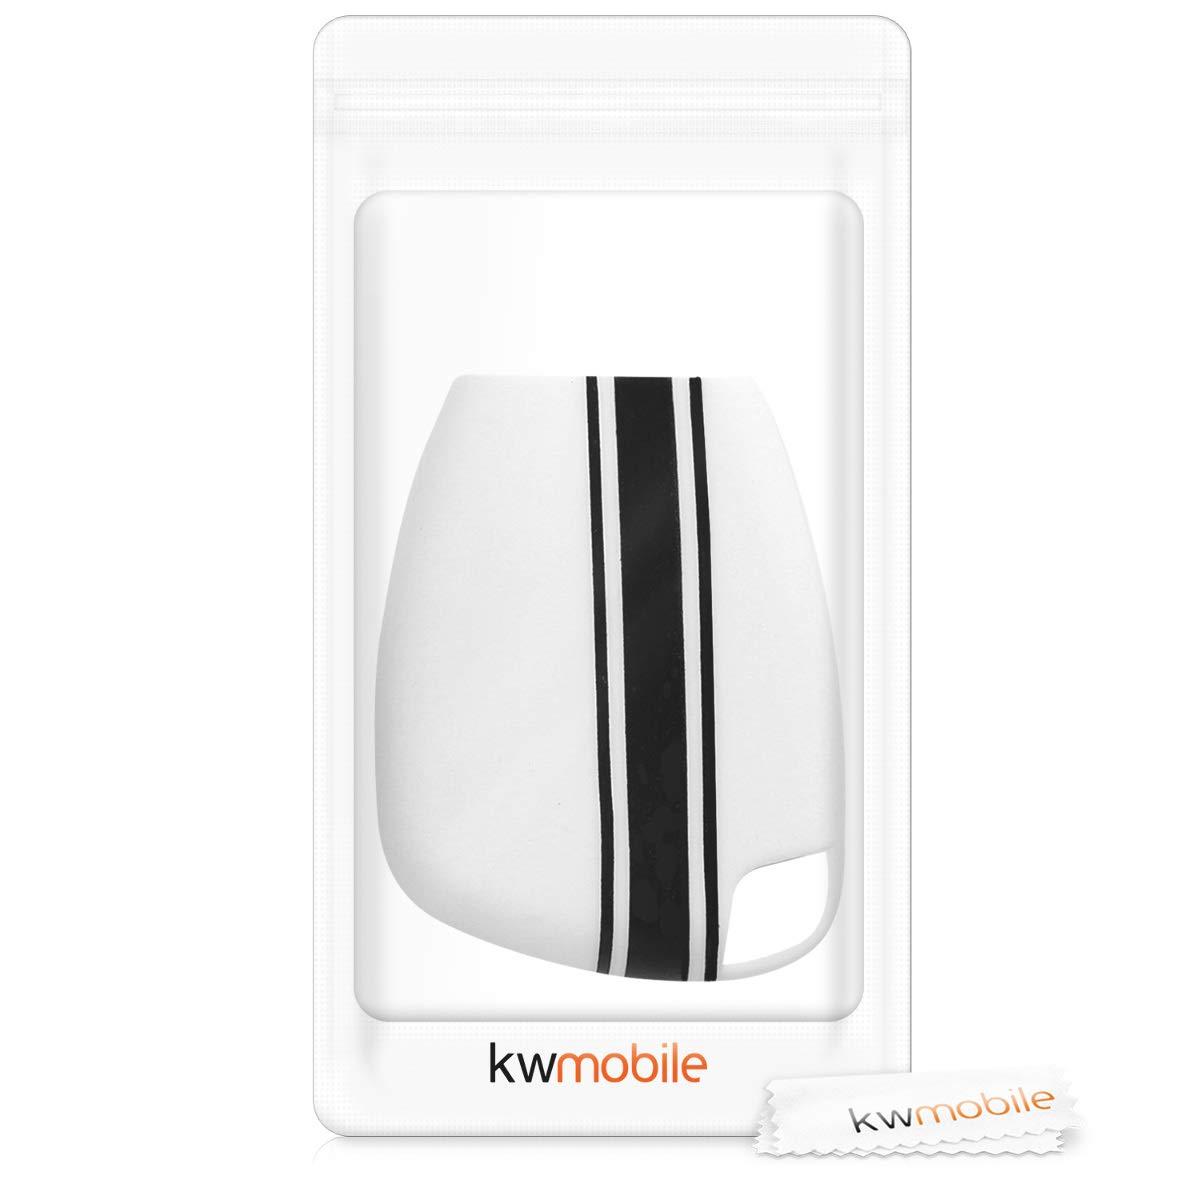 de Suave kwmobile Funda para Llave de 2-3 Botones para Coche Carcasa Protectora Silicona - Case de Mando de Auto con dise/ño Dont Touch my Key